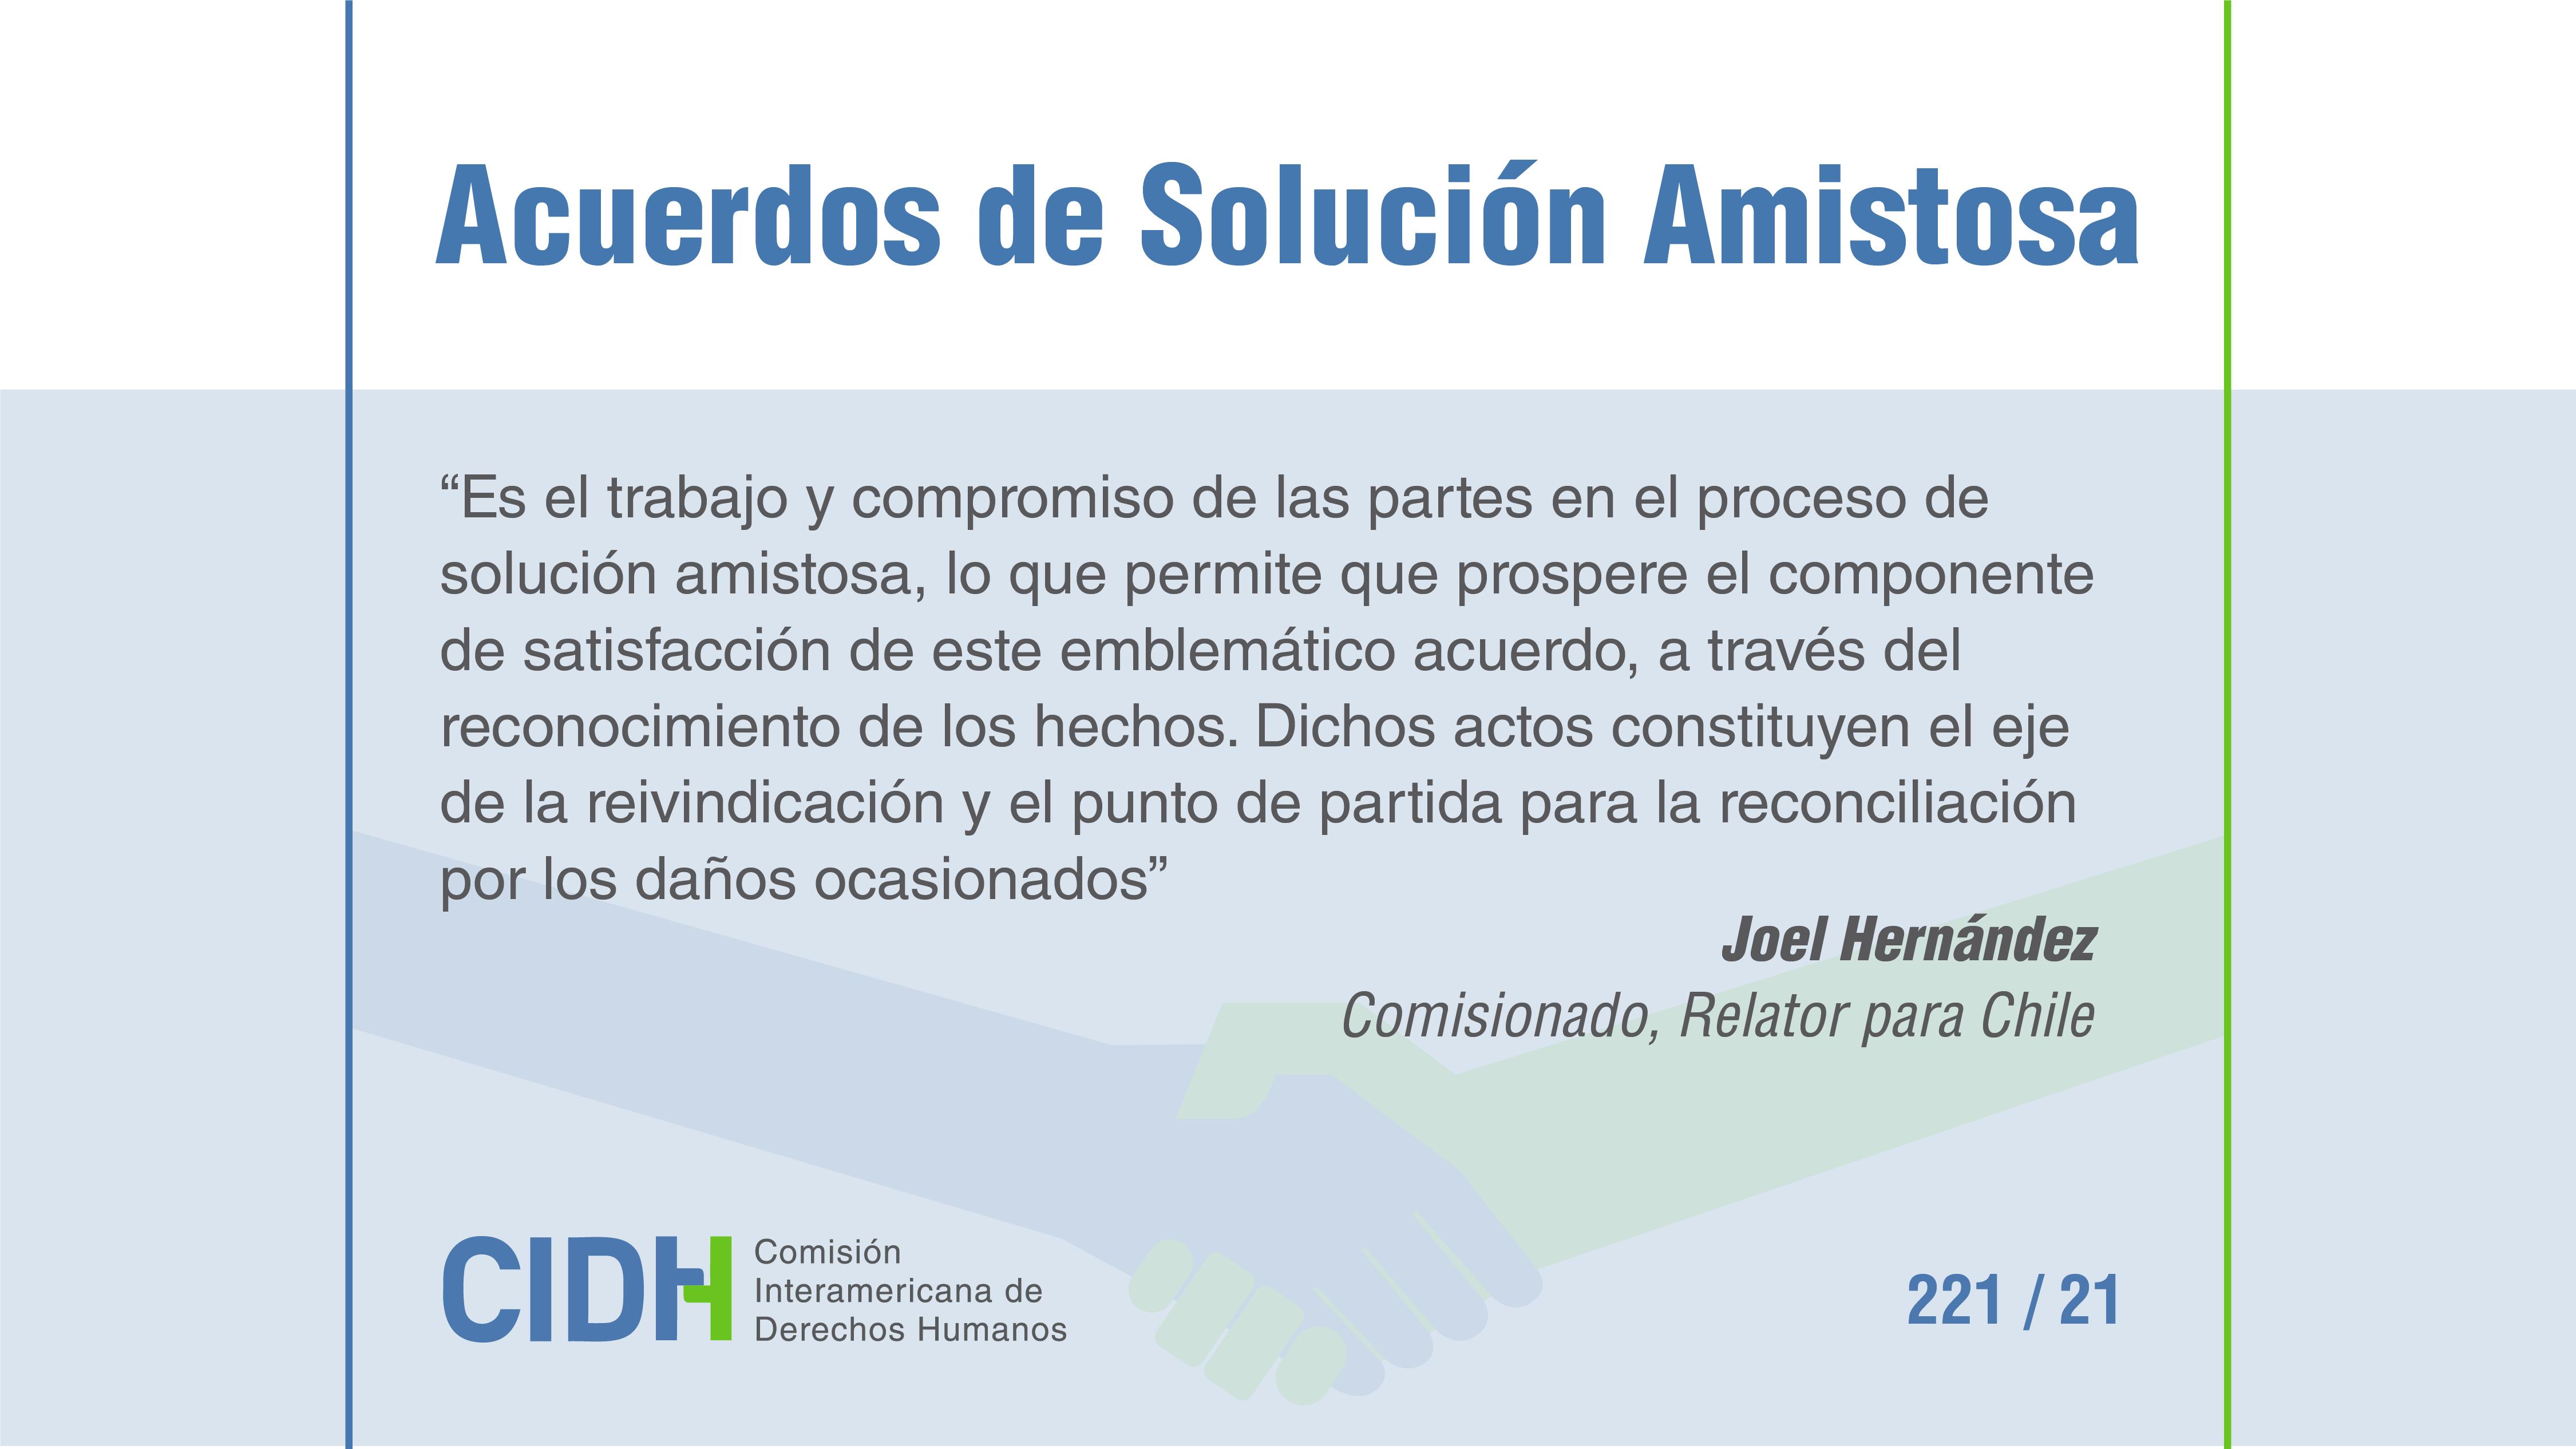 """""""Es el trabajo y compromiso de las partes en el proceso de solución amistosa, lo que permite que prospere el componente de satisfacción de este emblemático acuerdo, a través del reconocimiento de los hechos. Dichos actos constituyen el eje de la reivindicación y el punto de partida para la reconciliación por los daños ocasionados"""". Joel Hernández, Comisionado Relator para Chile."""